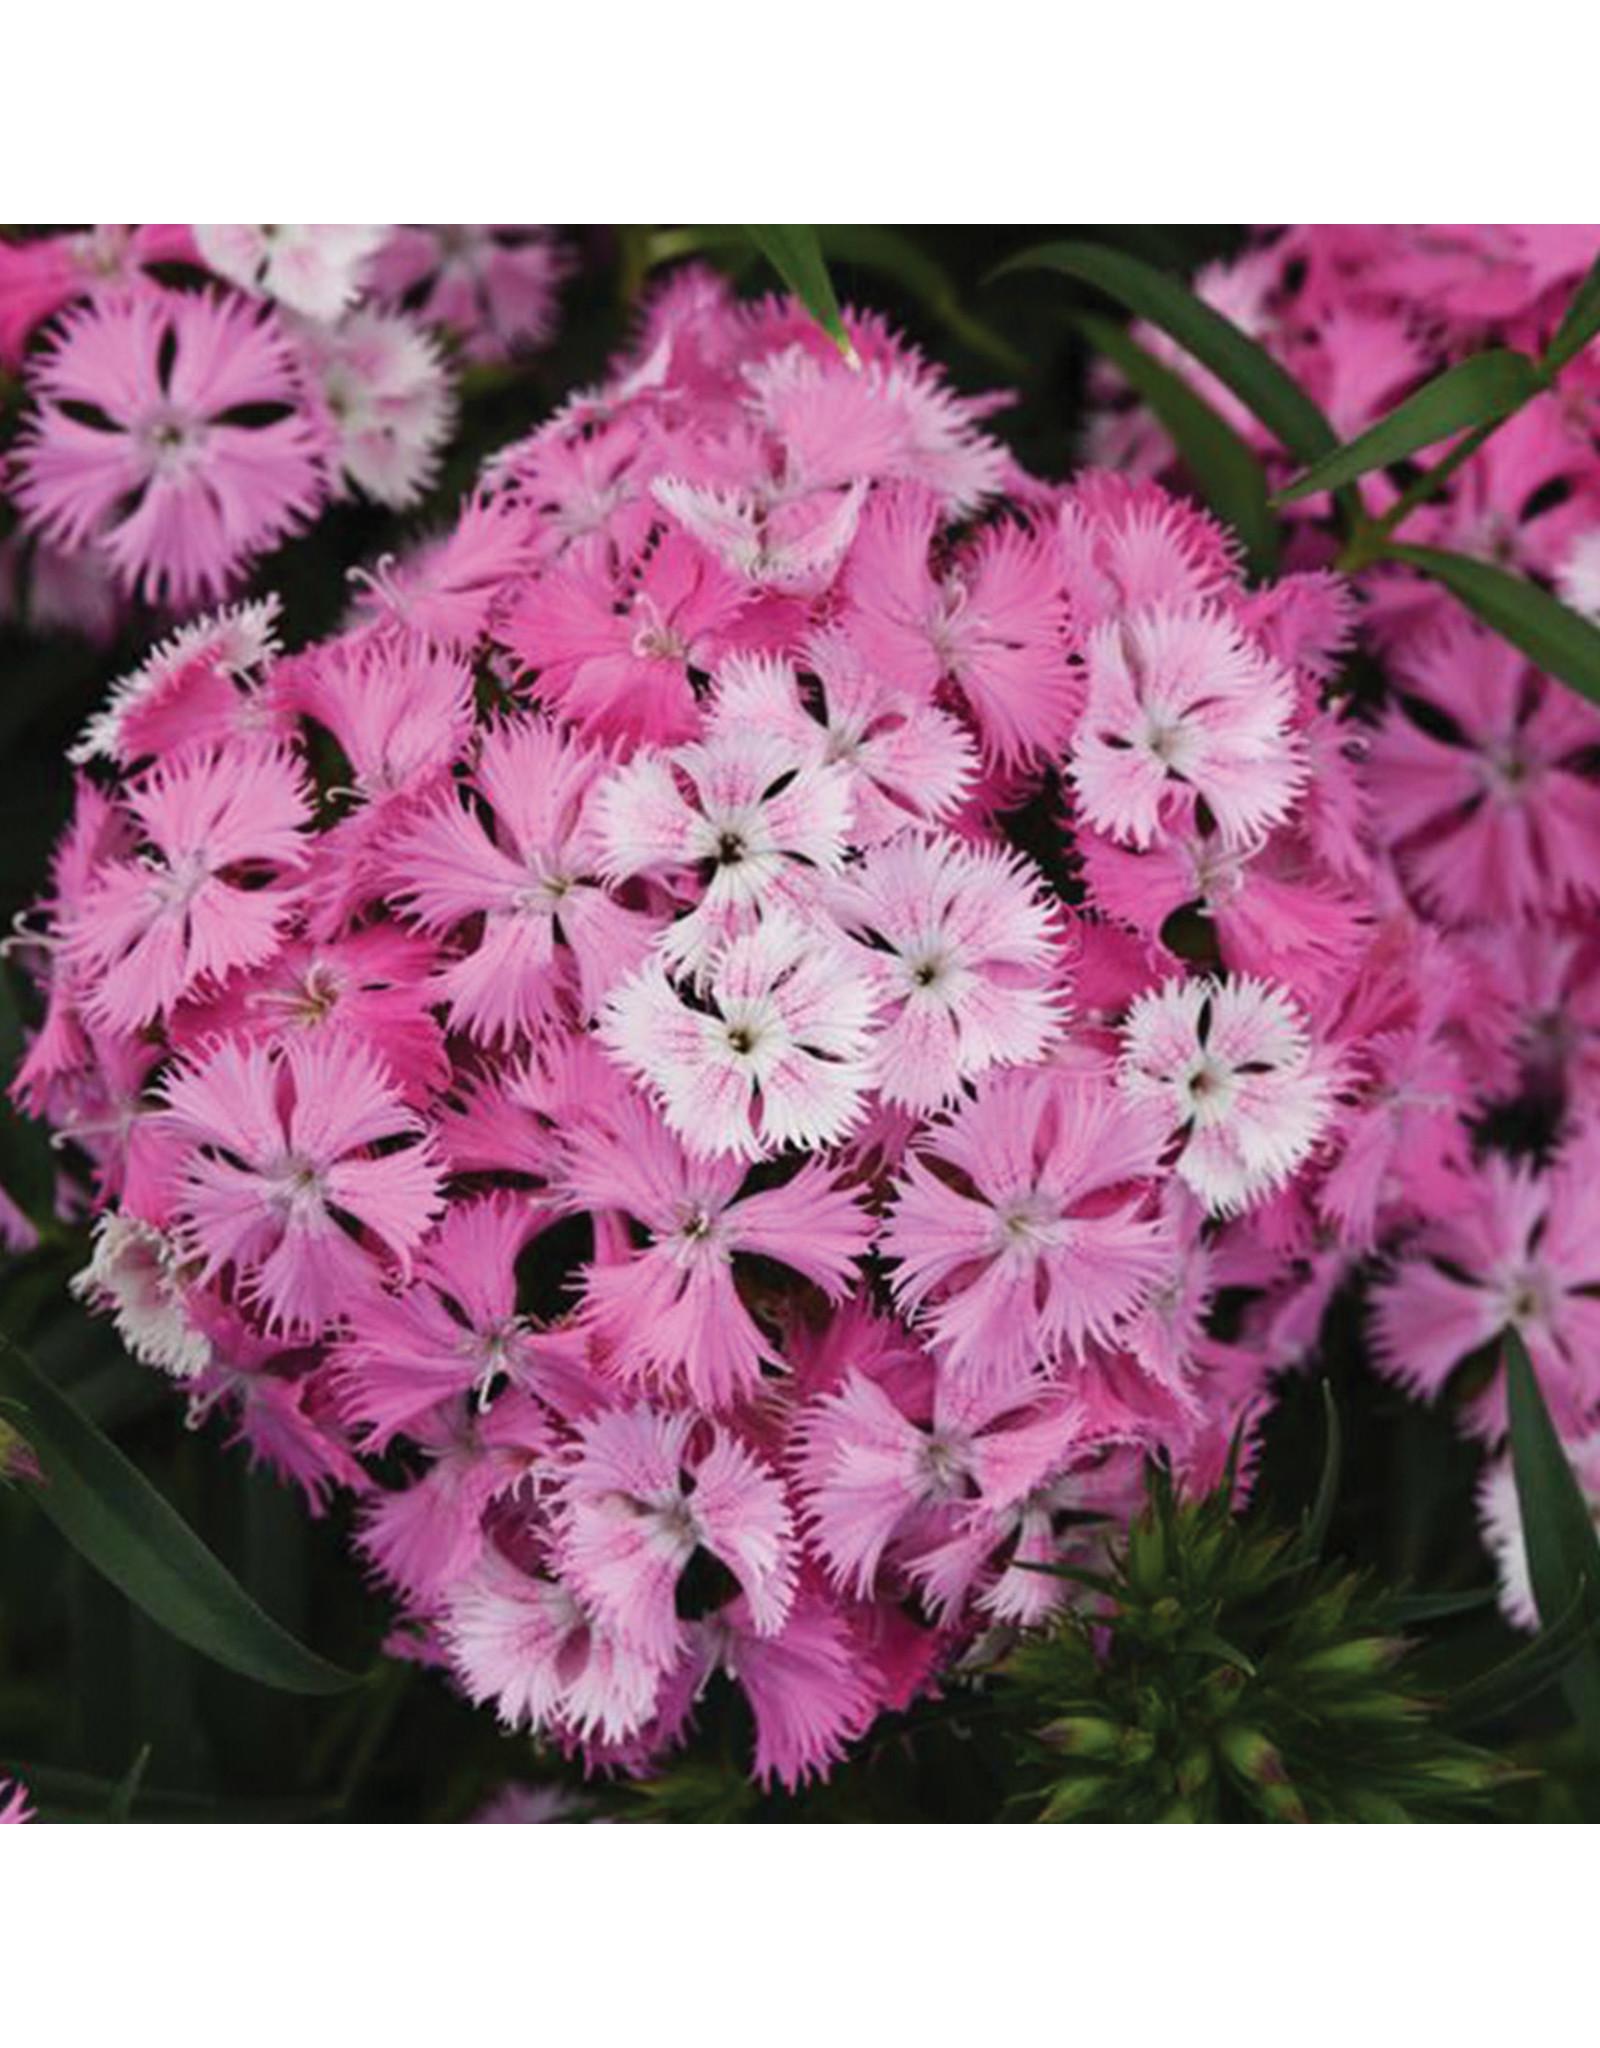 Dianthus - Rockin Pink Magic